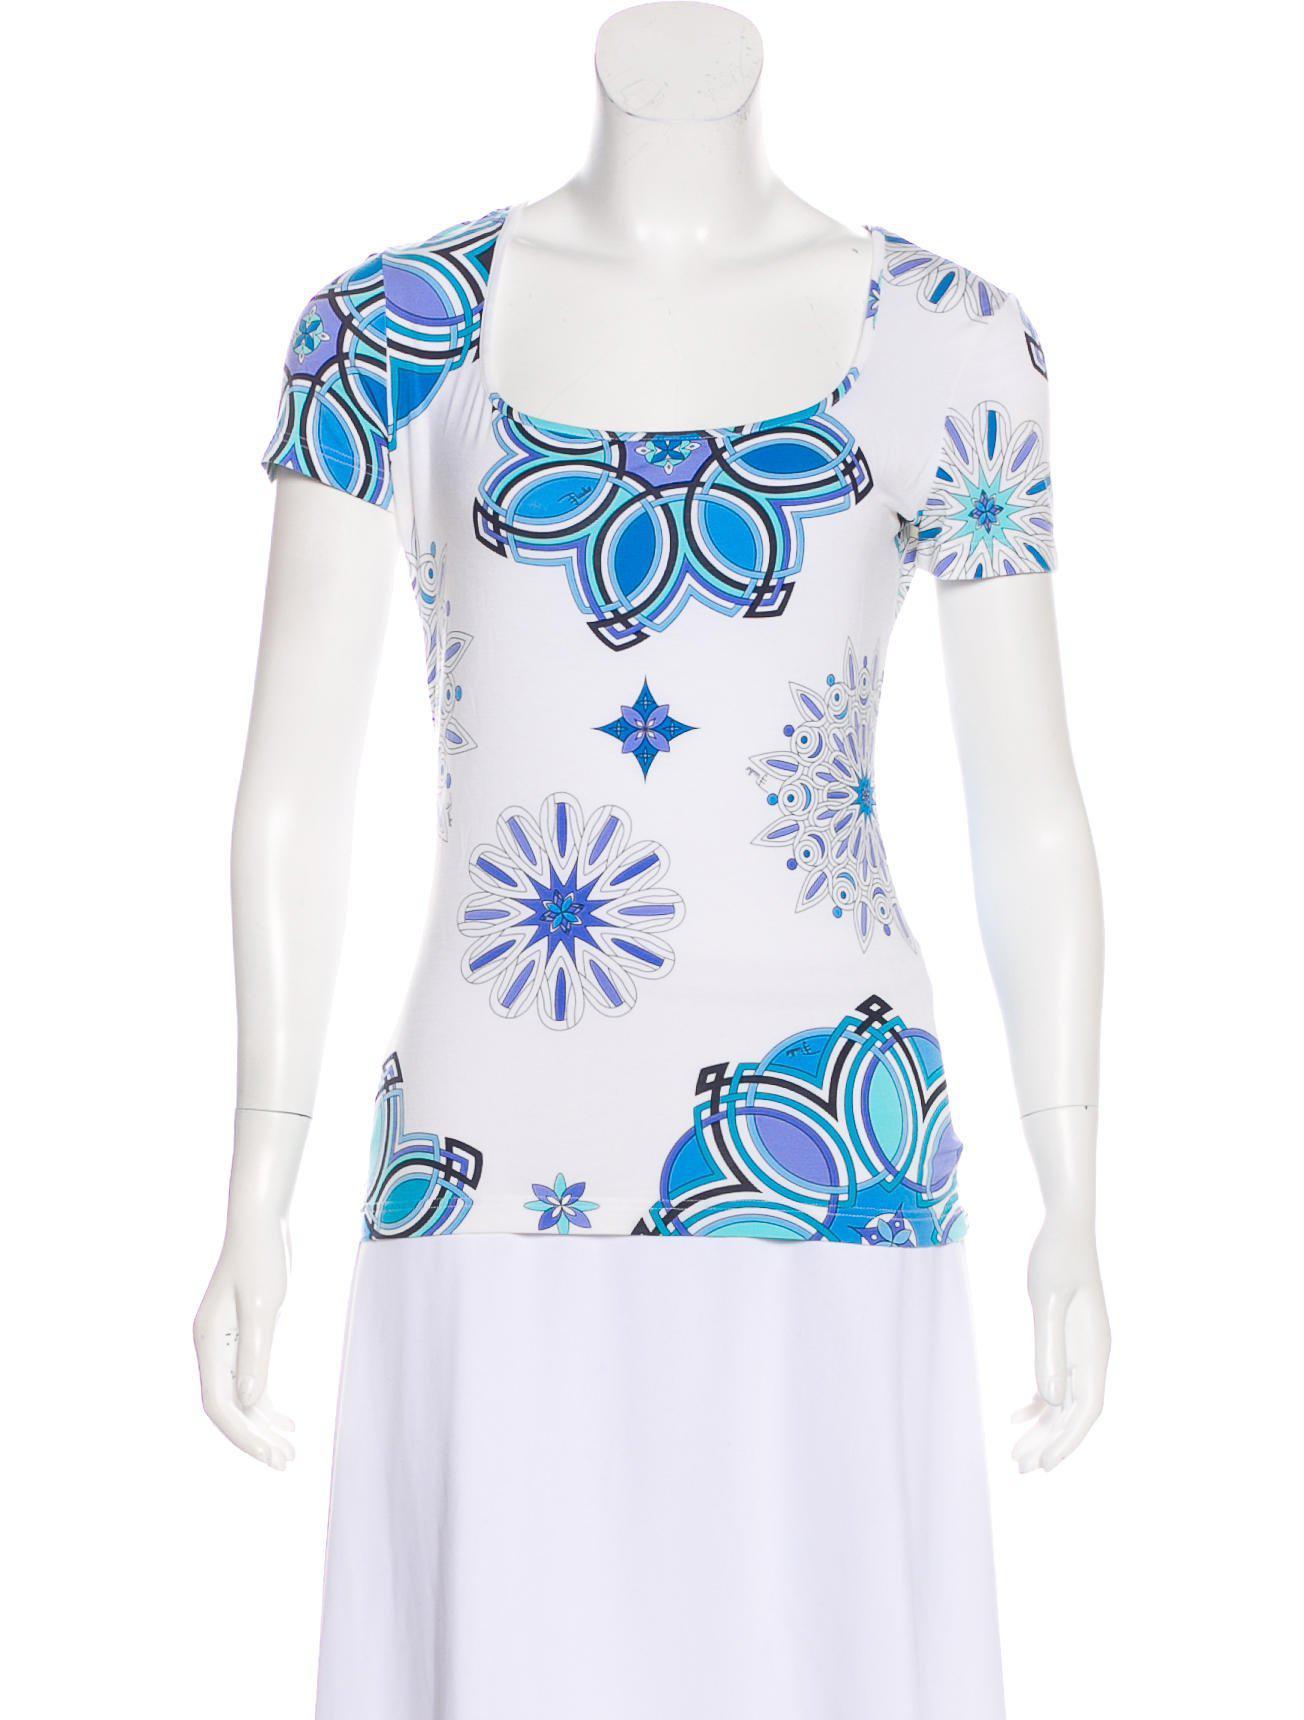 c3a529e3daa3 Lyst - Emilio Pucci Printed Short Sleeve T-shirt in White